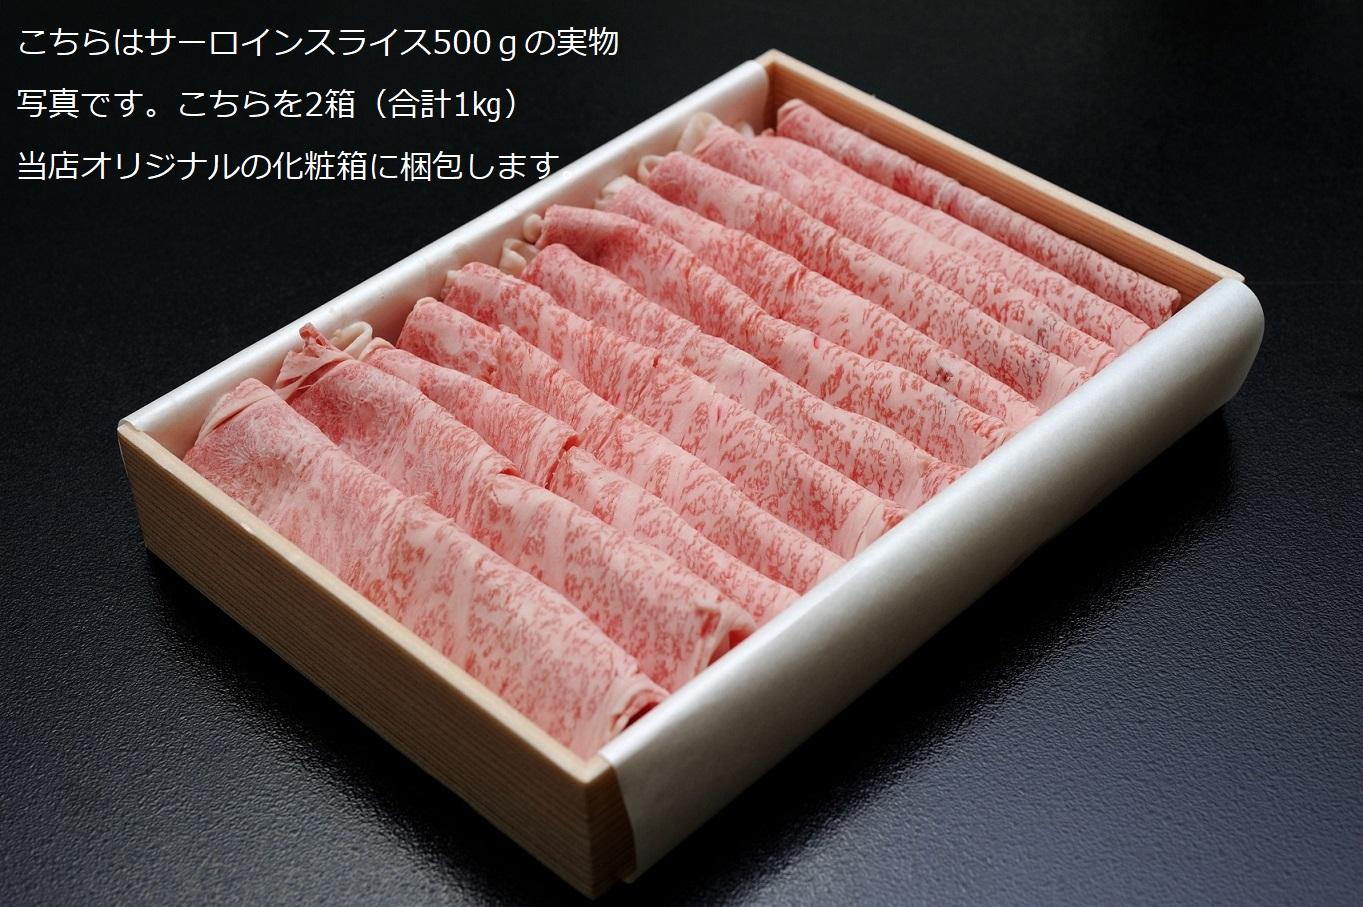 極上近江牛(A5)【サーロイン】しゃぶしゃぶ・すき焼用 1kg